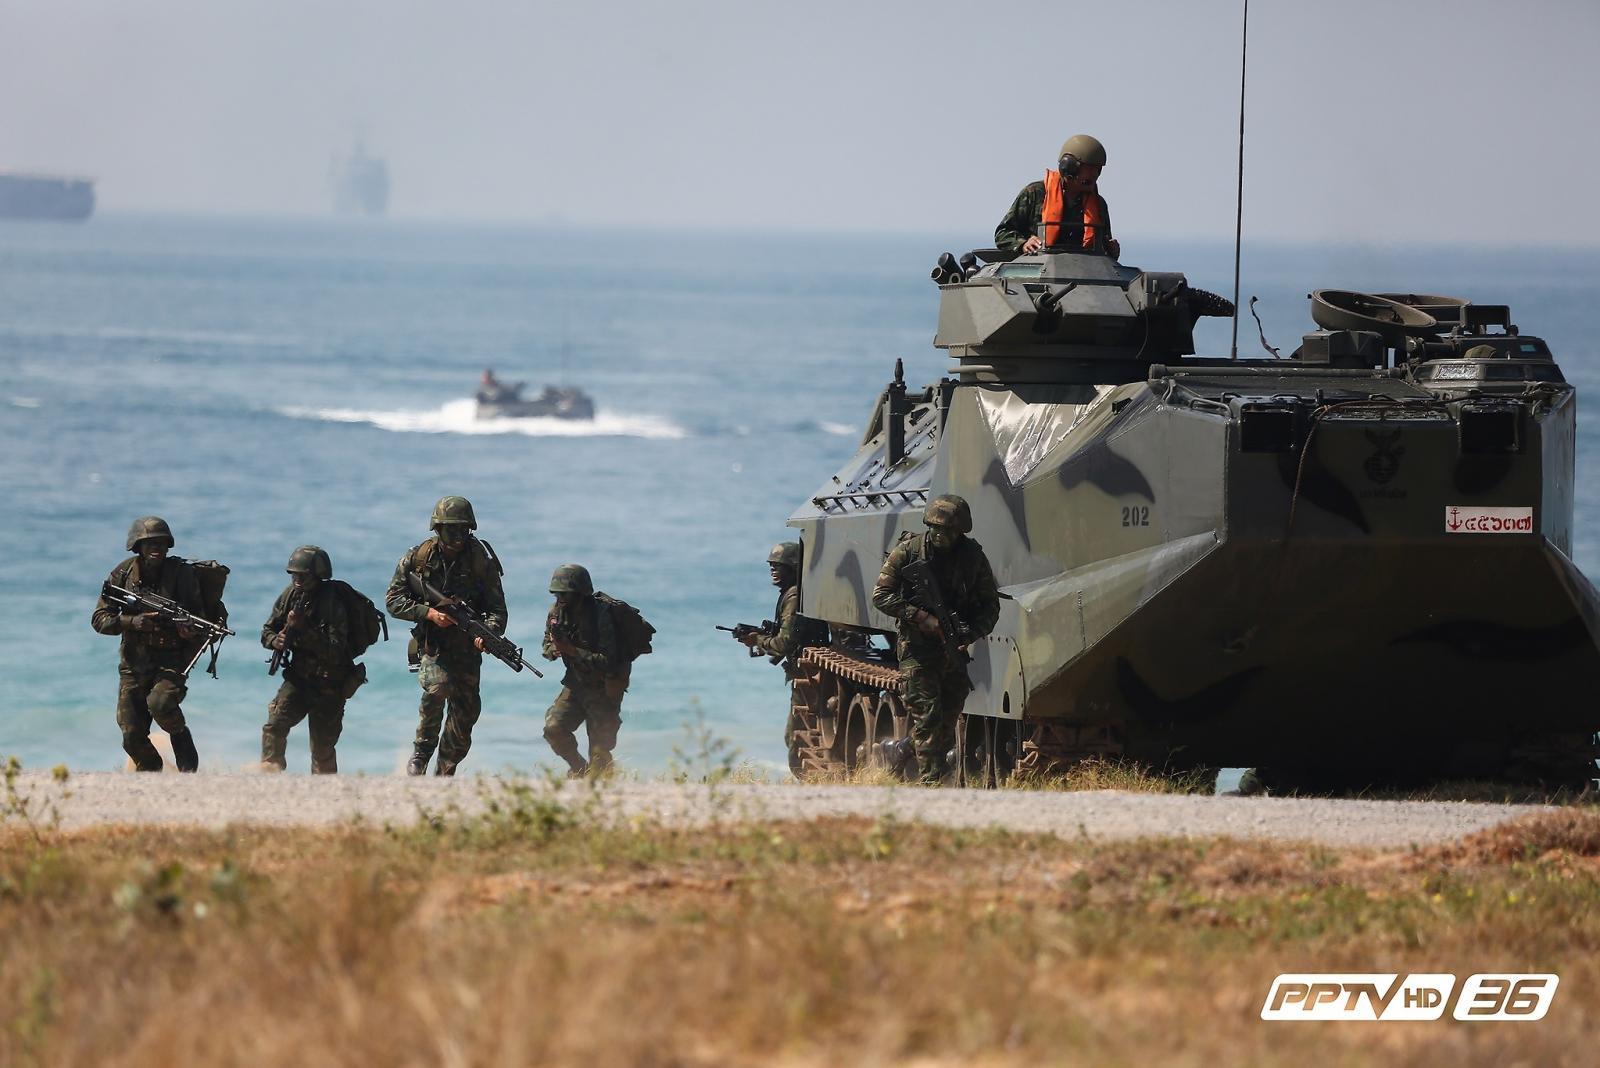 แสนยานุภาพ สหรัฐฯนำกองกำลังนานาชาติ ร่วมฝึกคอบร้าโกลด์